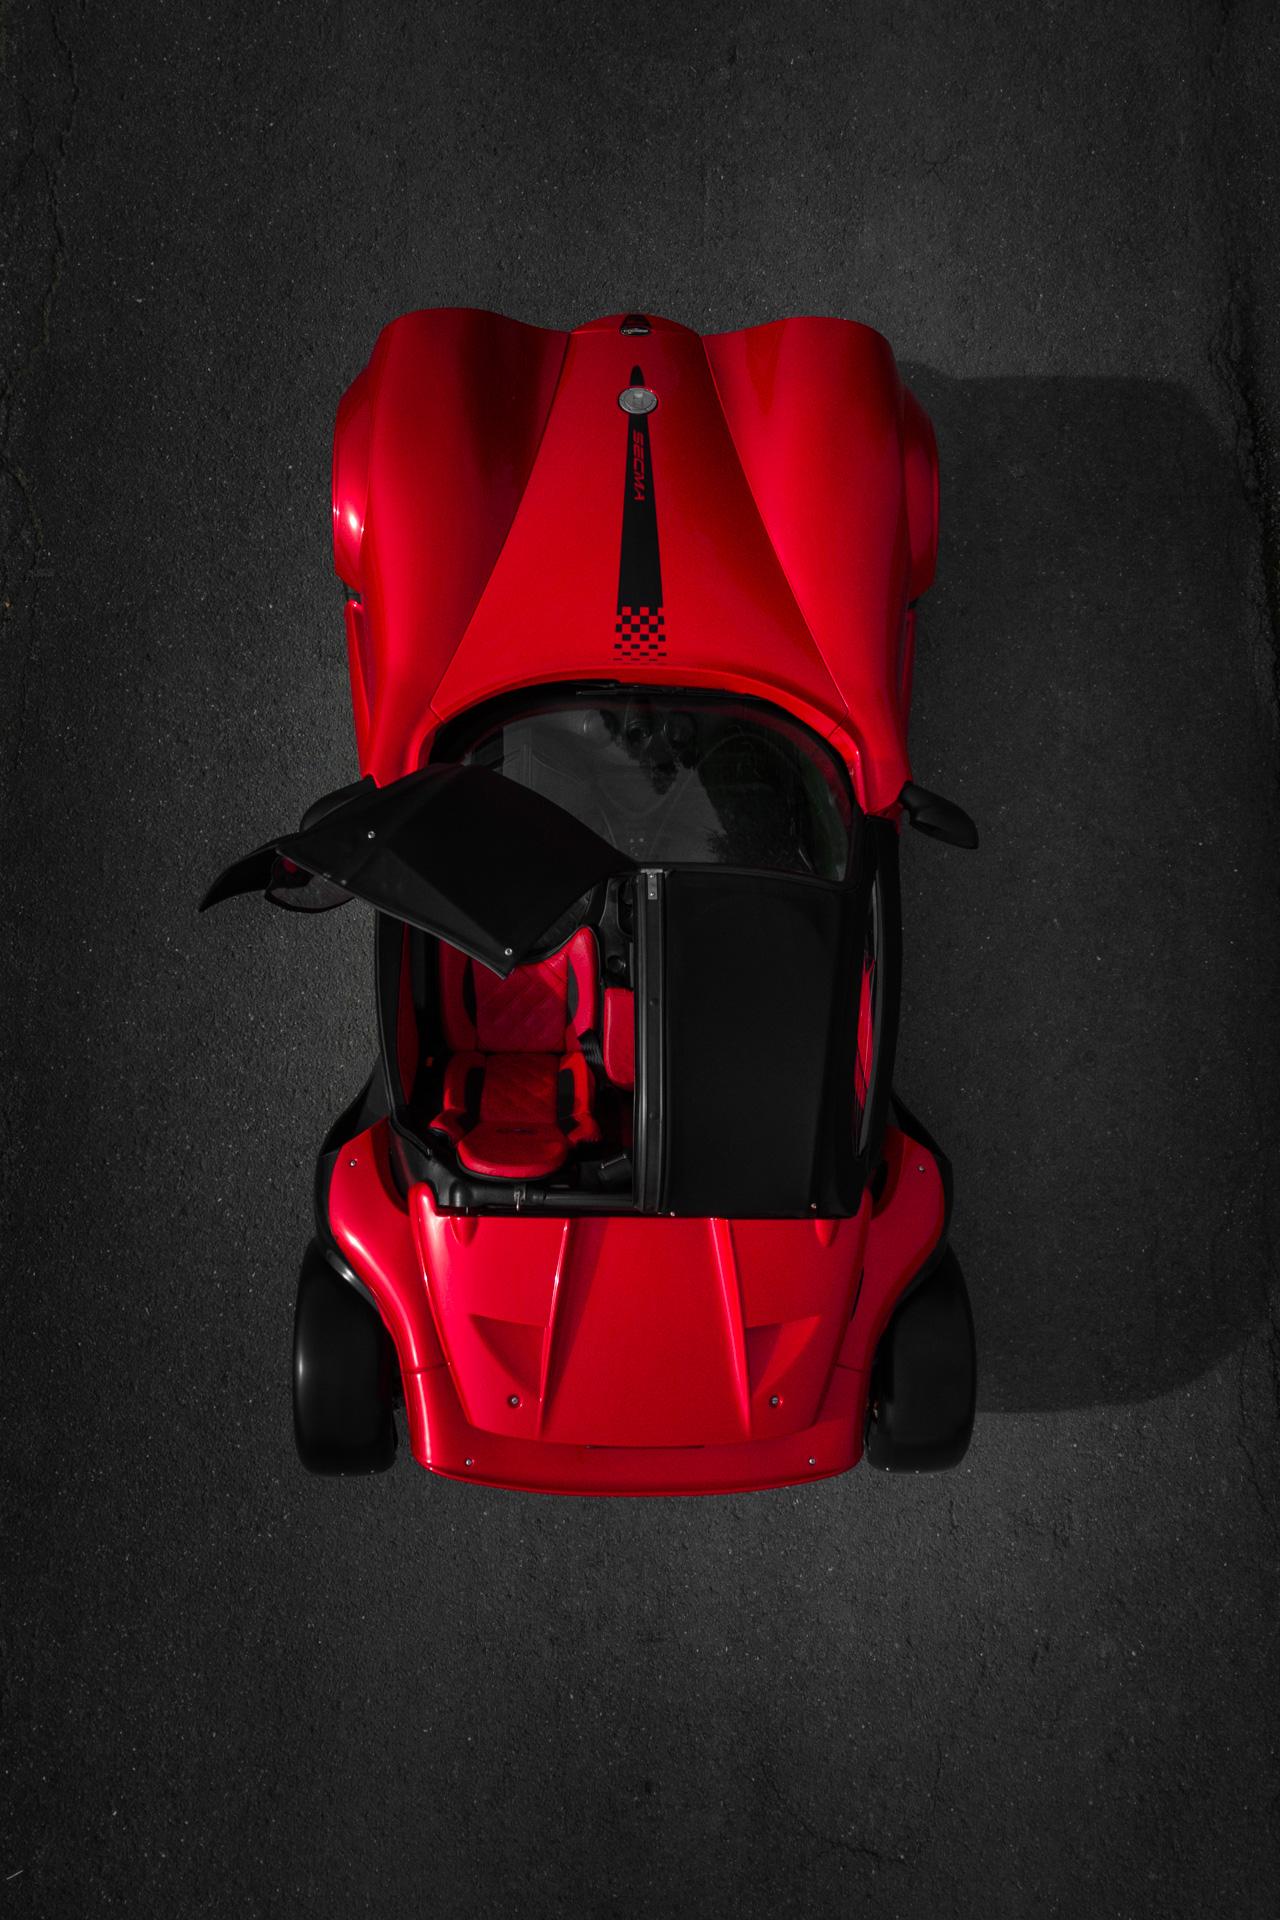 Le F16 Turbo, l'engin diabolique créé par SECMA